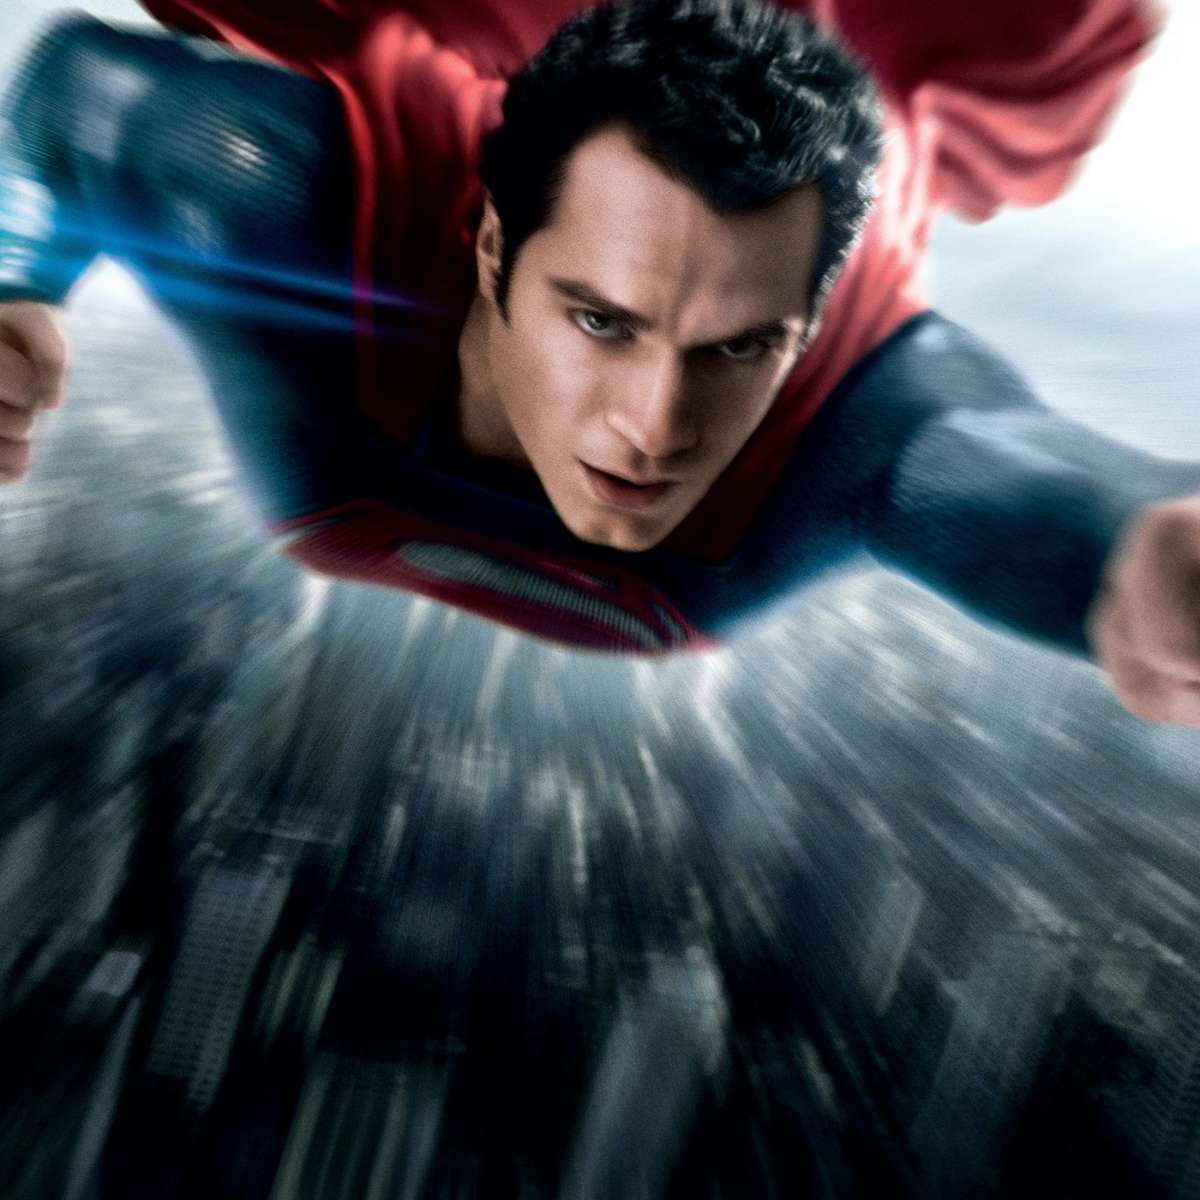 man_of_steel_superman_movie-2560x1600_0.jpg